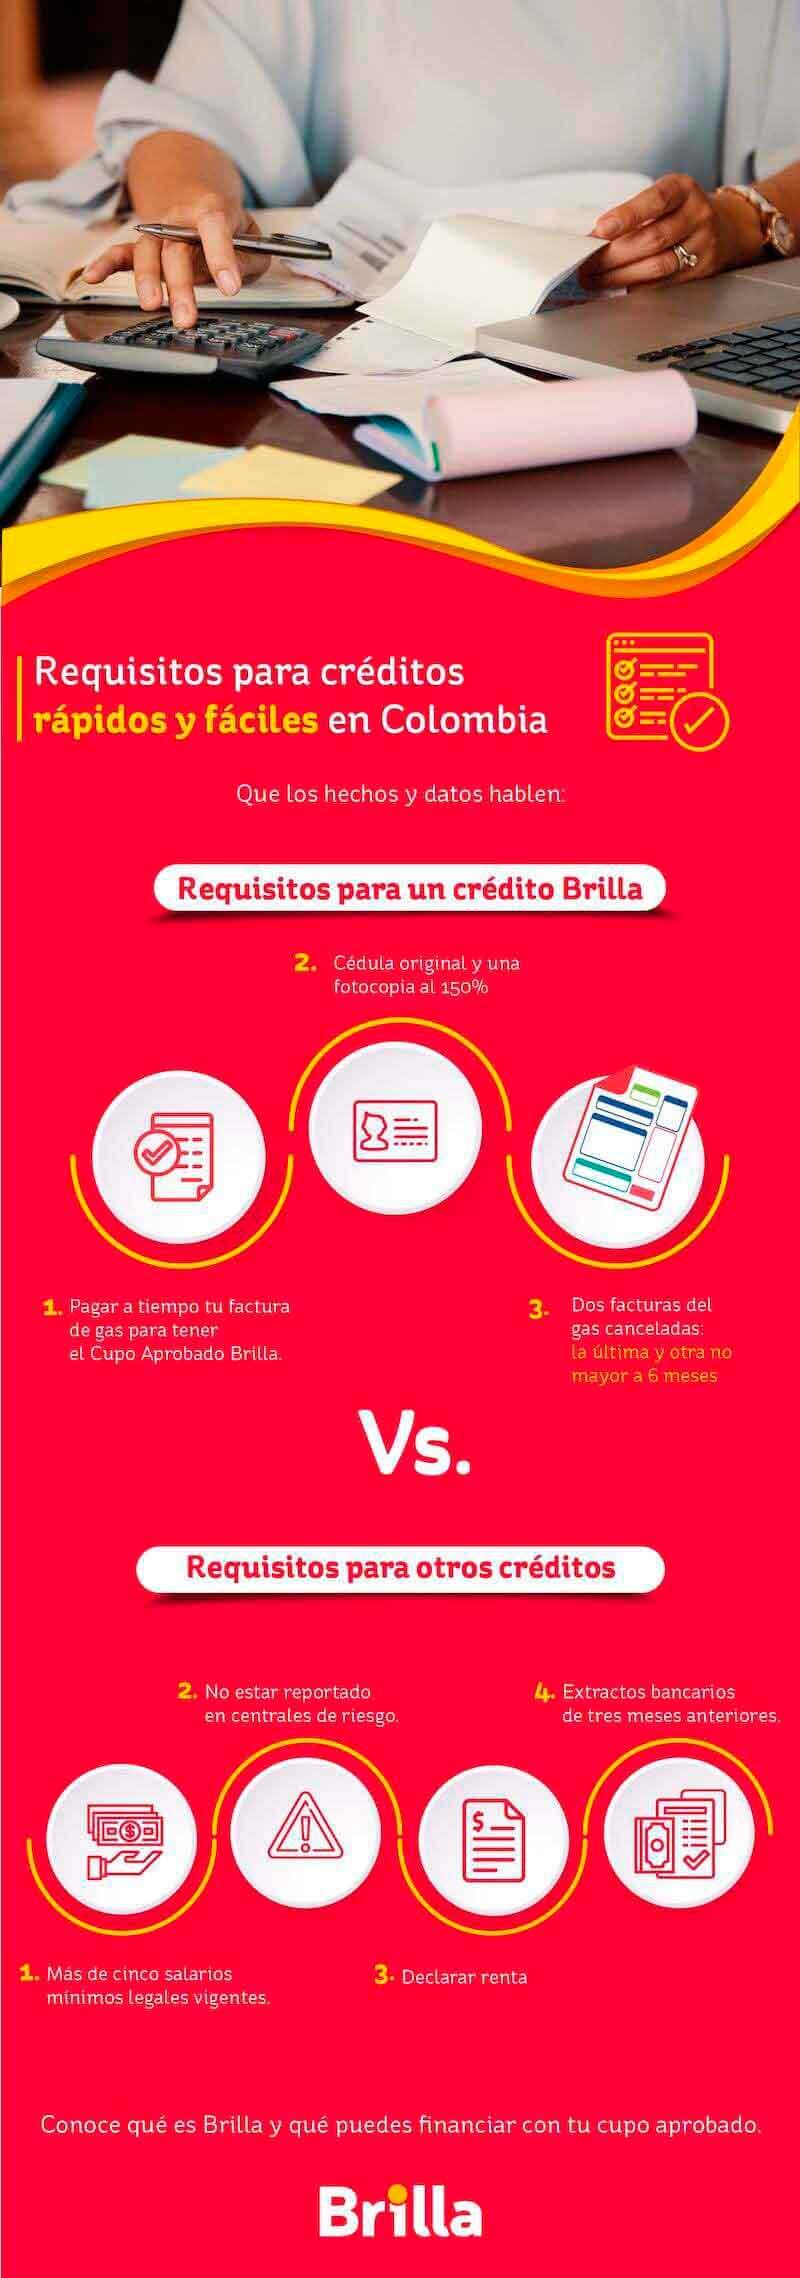 Requisitos para usar el credito Brilla Valledupar- infografia